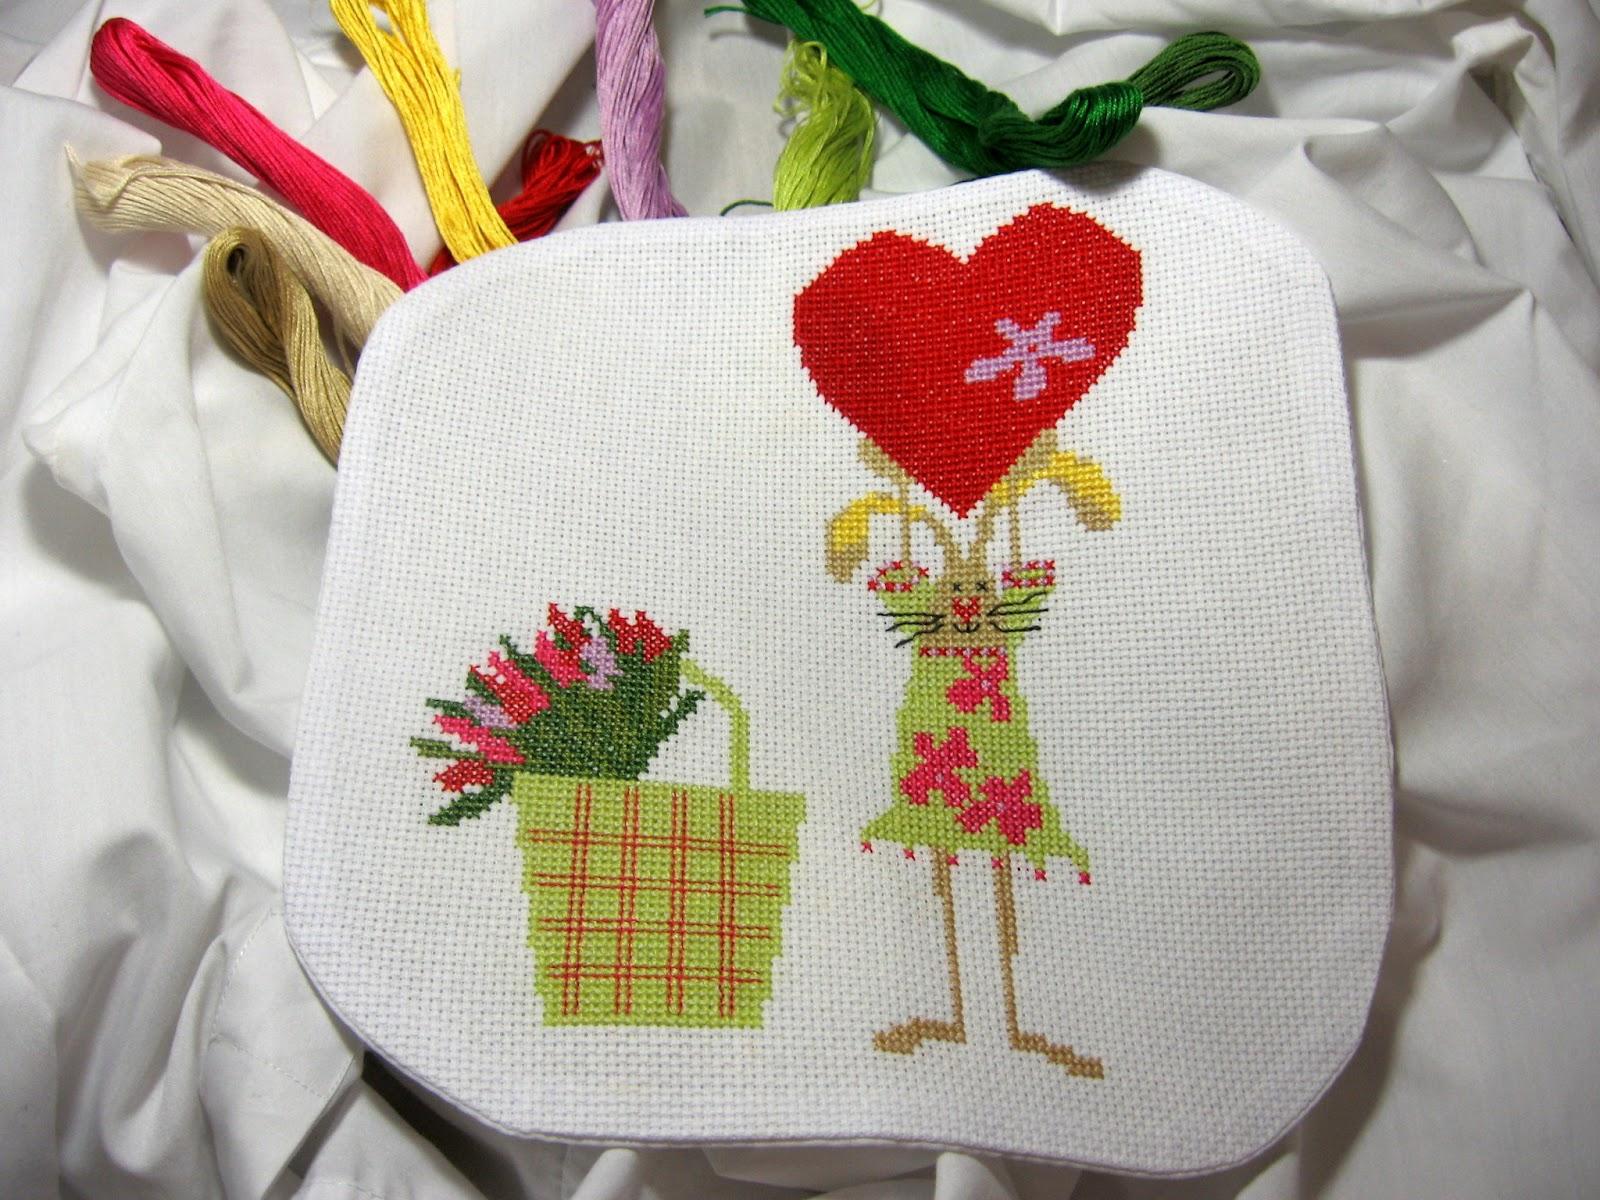 Вышивка как подарок - стоит ли дарить? Блог вышивальщицы 52